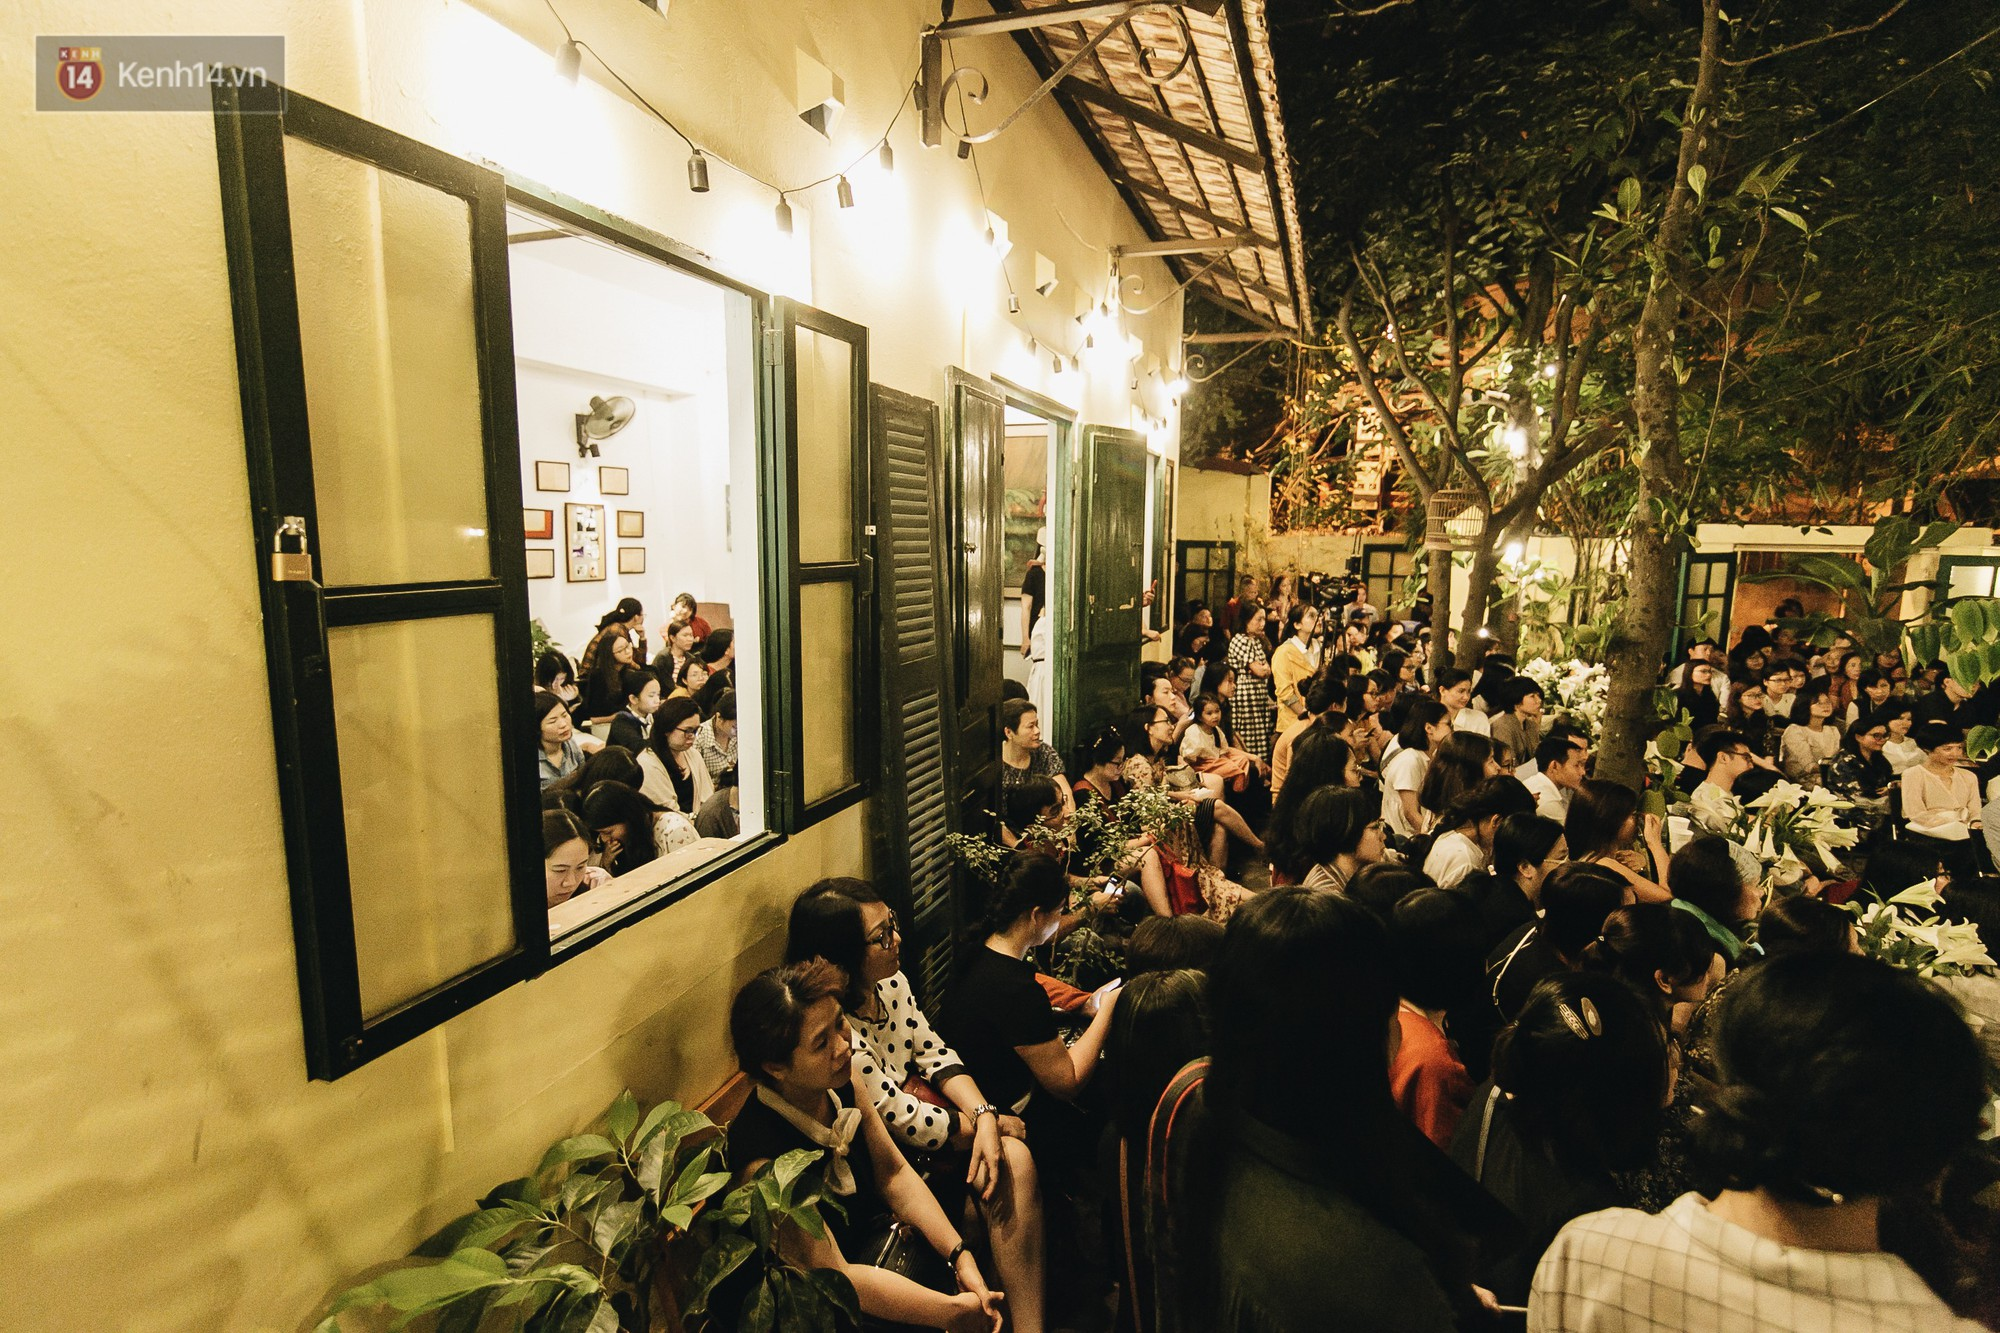 Chuyện về căn phòng 6m2 của vợ chồng Lưu Quang Vũ - Xuân Quỳnh và đêm thơ tưởng nhớ đầy cảm xúc ở Hà Nội - Ảnh 4.